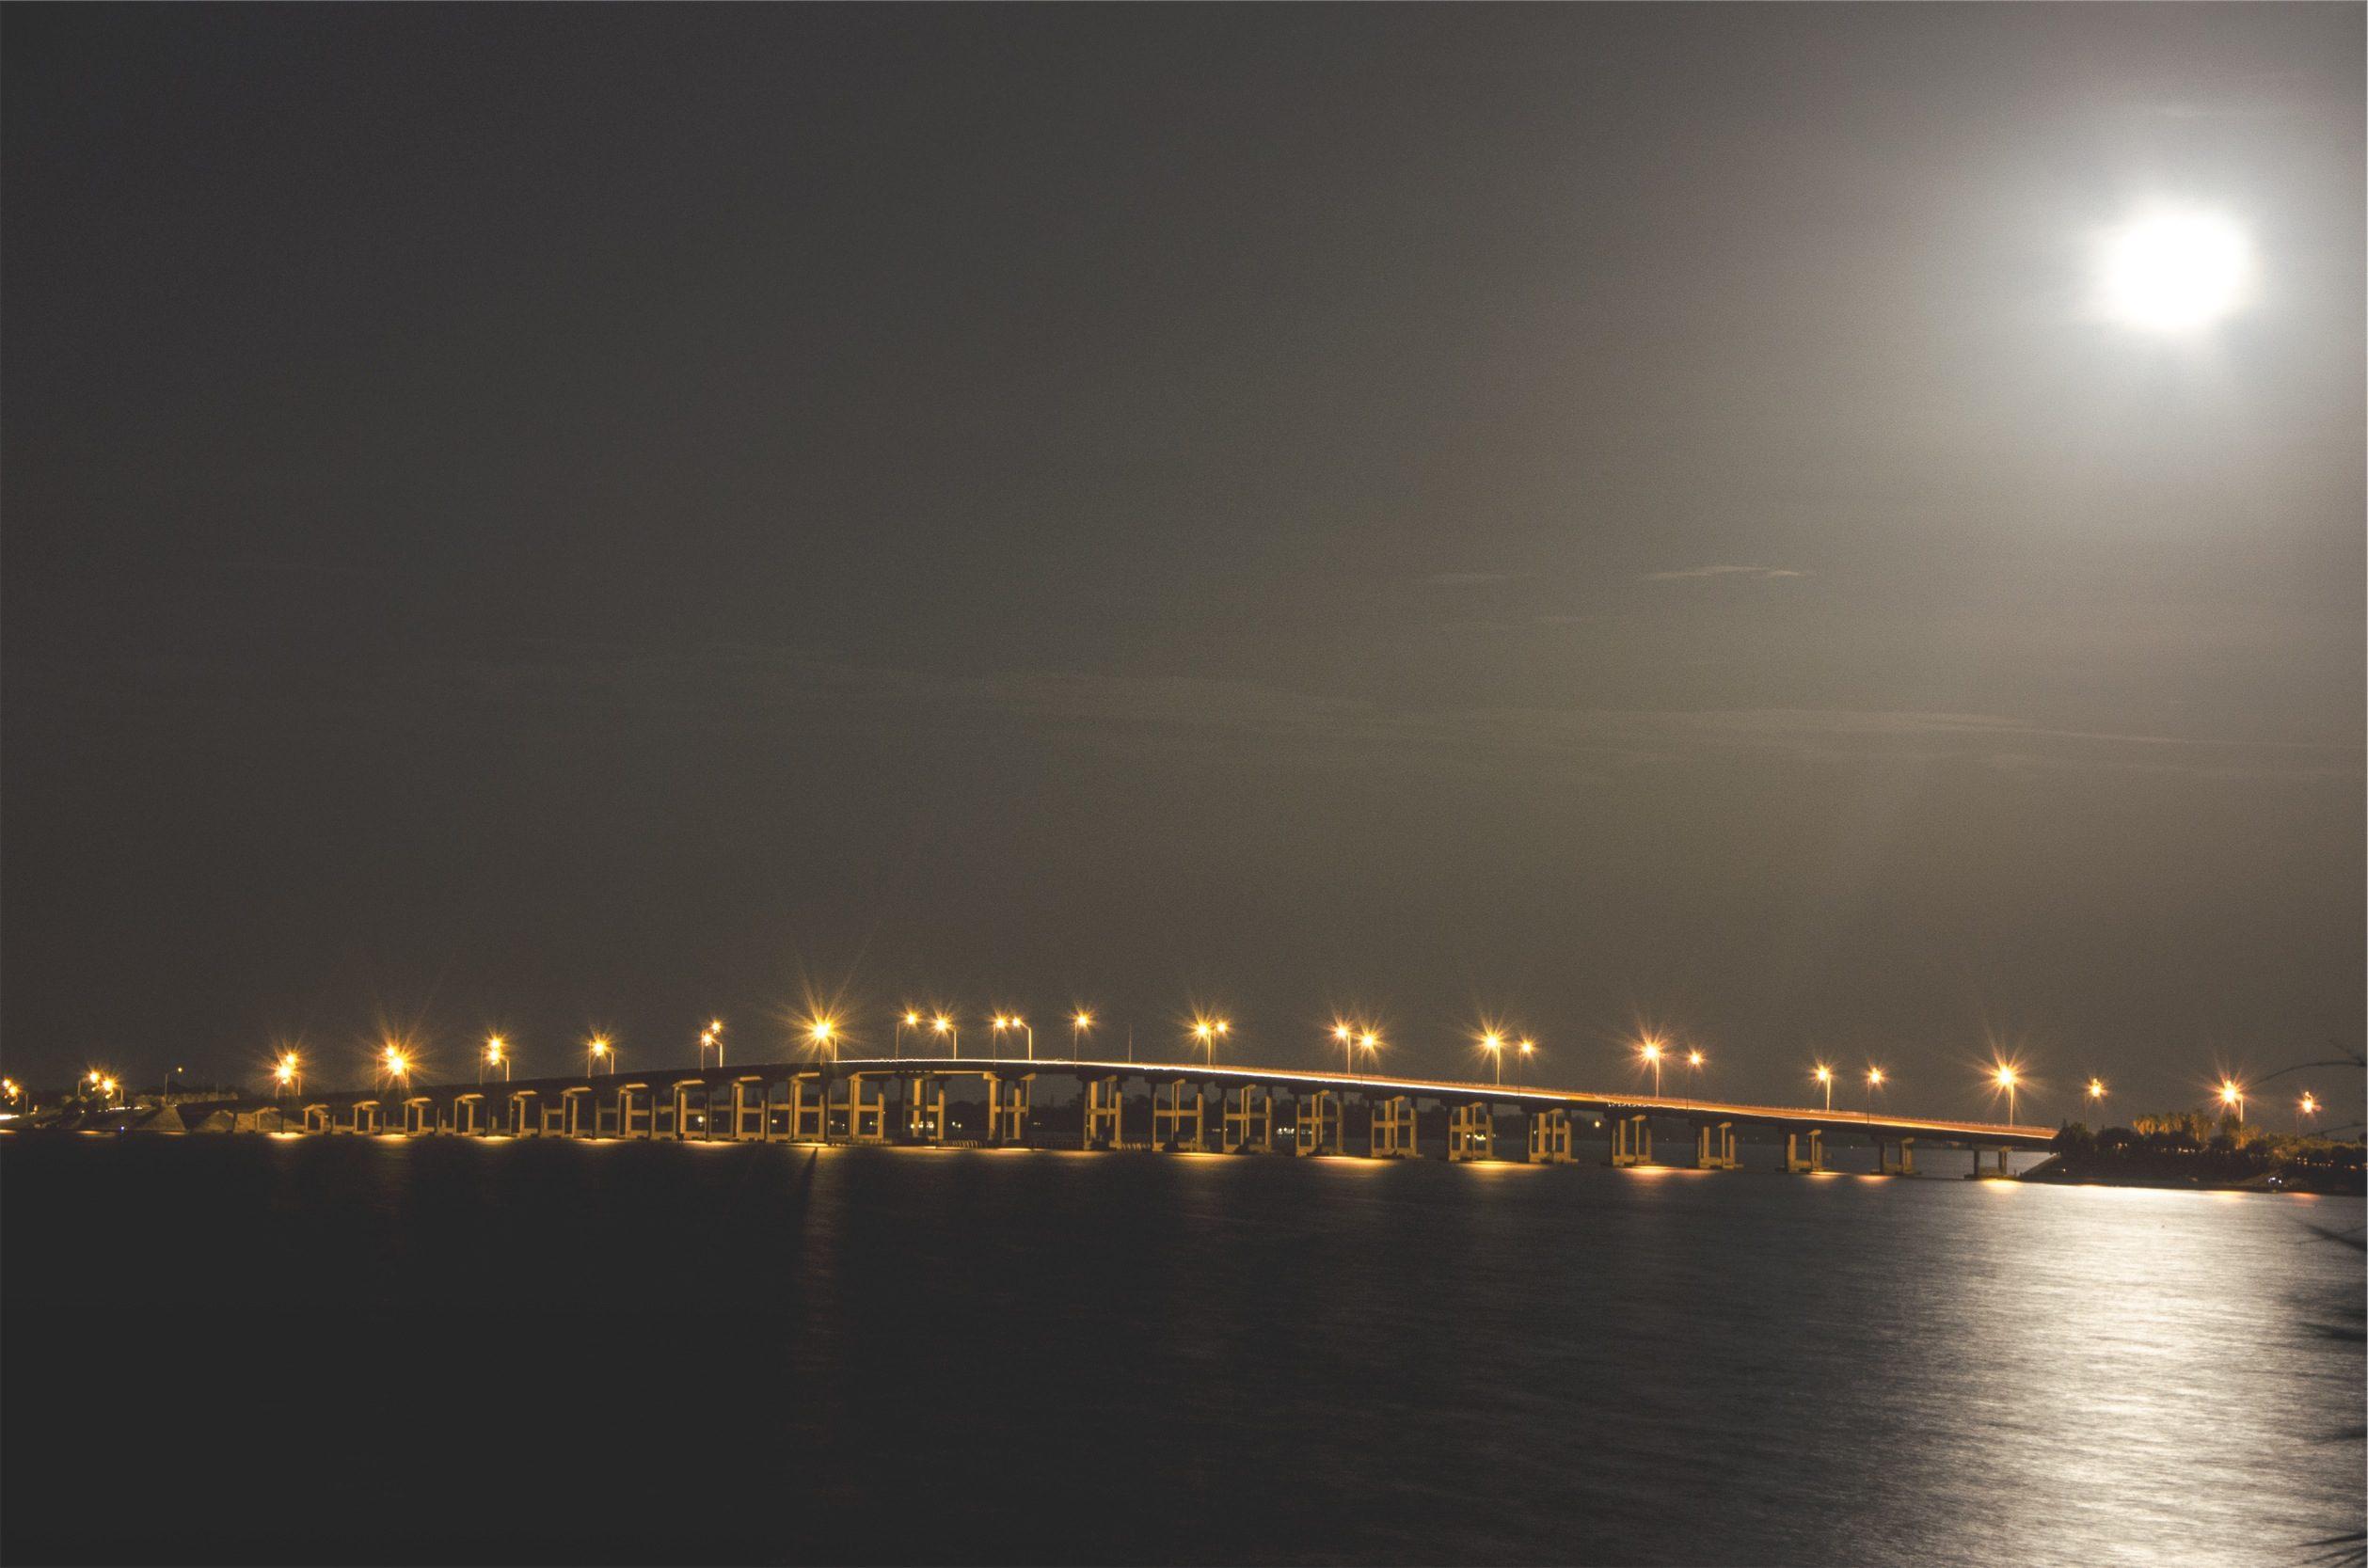 月亮, 桥梁, 晚上, 海, 灯 - 高清壁纸 - 教授-falken.com